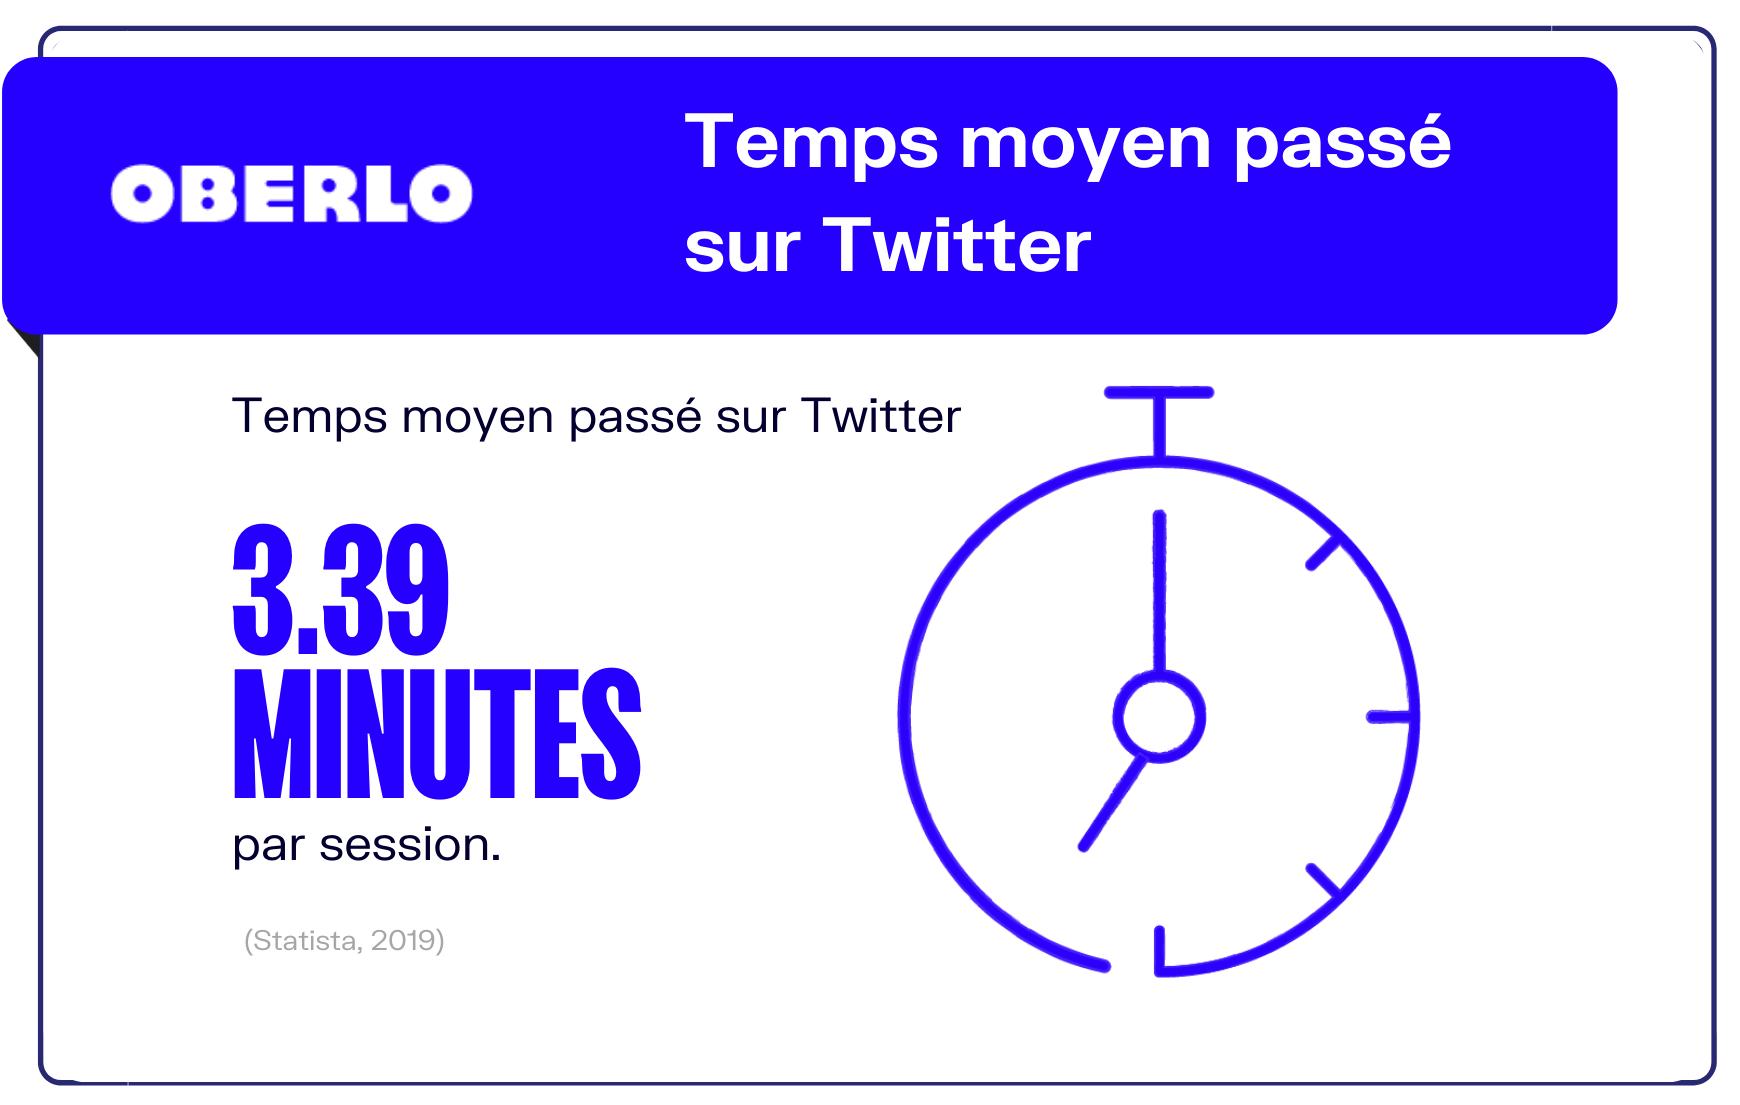 statistiques twitter temps passé